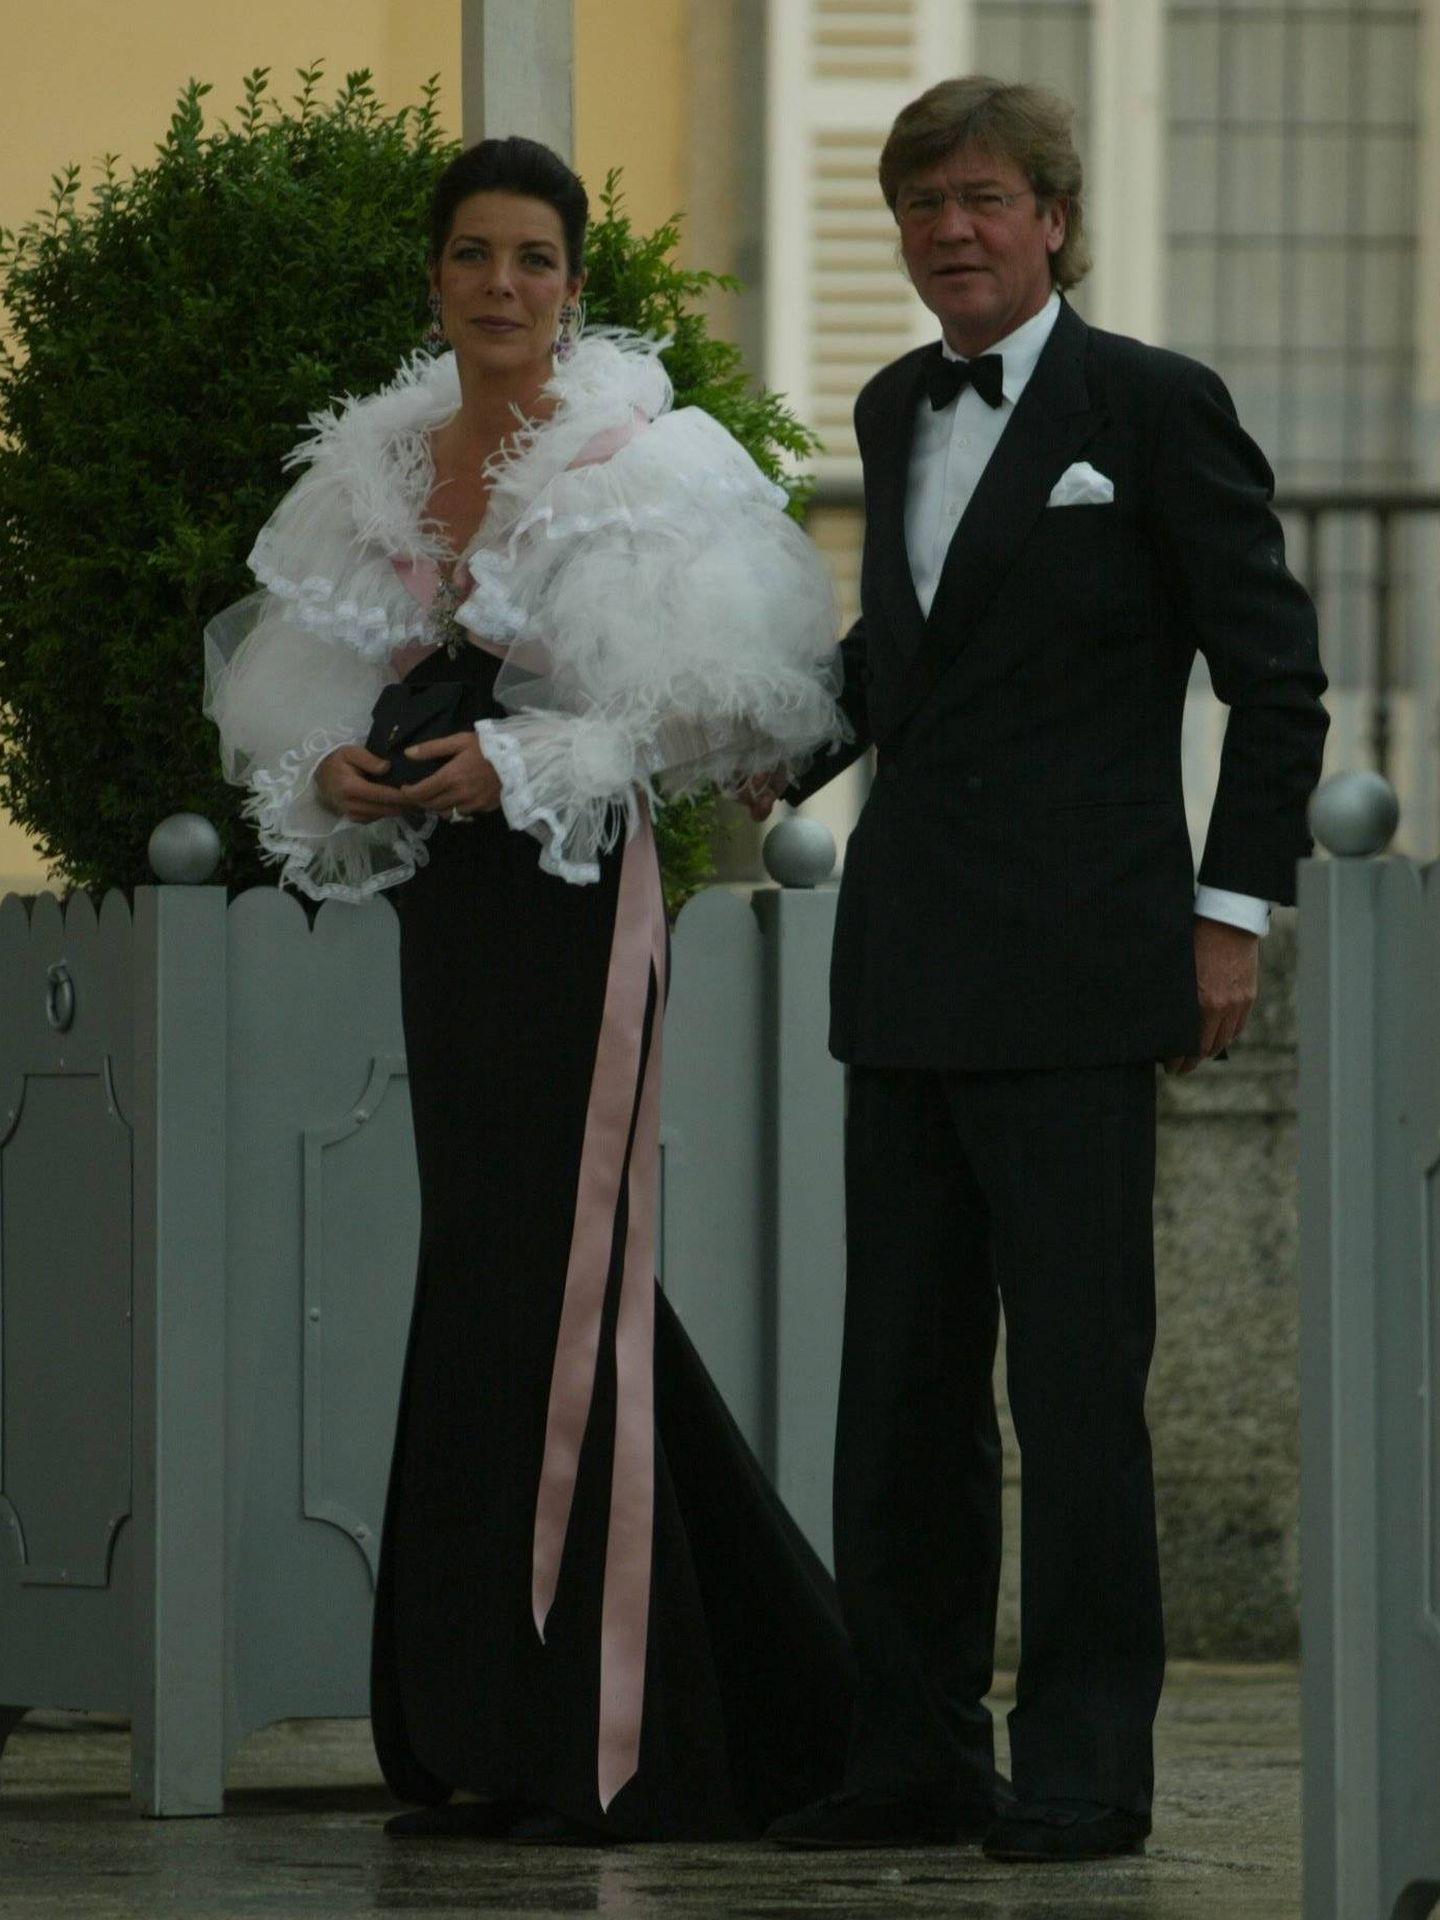 Cena de gala anterior a la boda del príncipe Felipe y Letizia Ortiz. (Cordon Press)